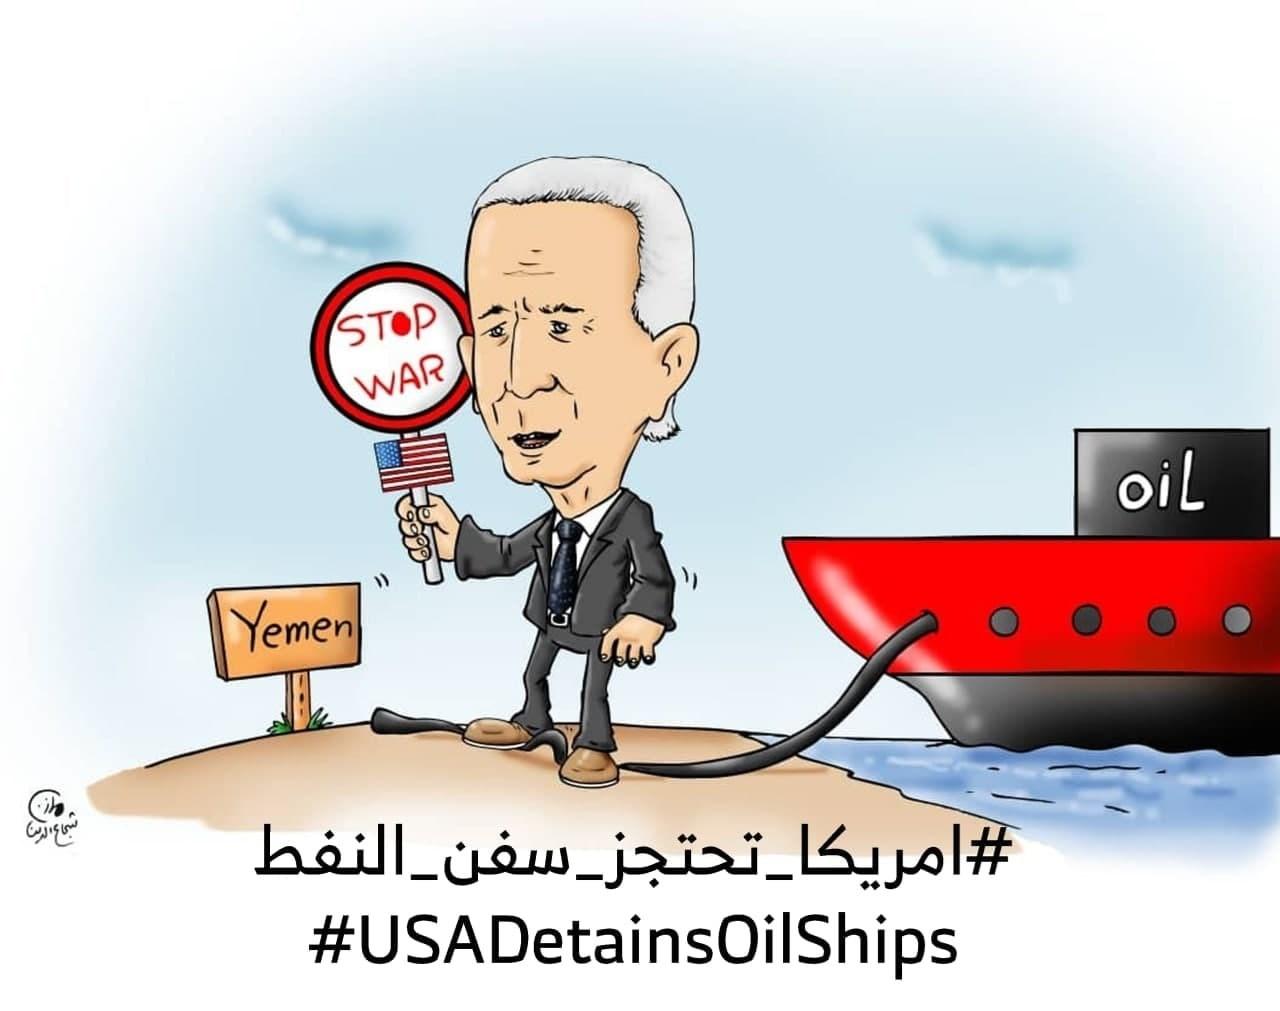 حملة تغريدات للتنديد باحتجاز التحالف السعودي للسفن النفطية